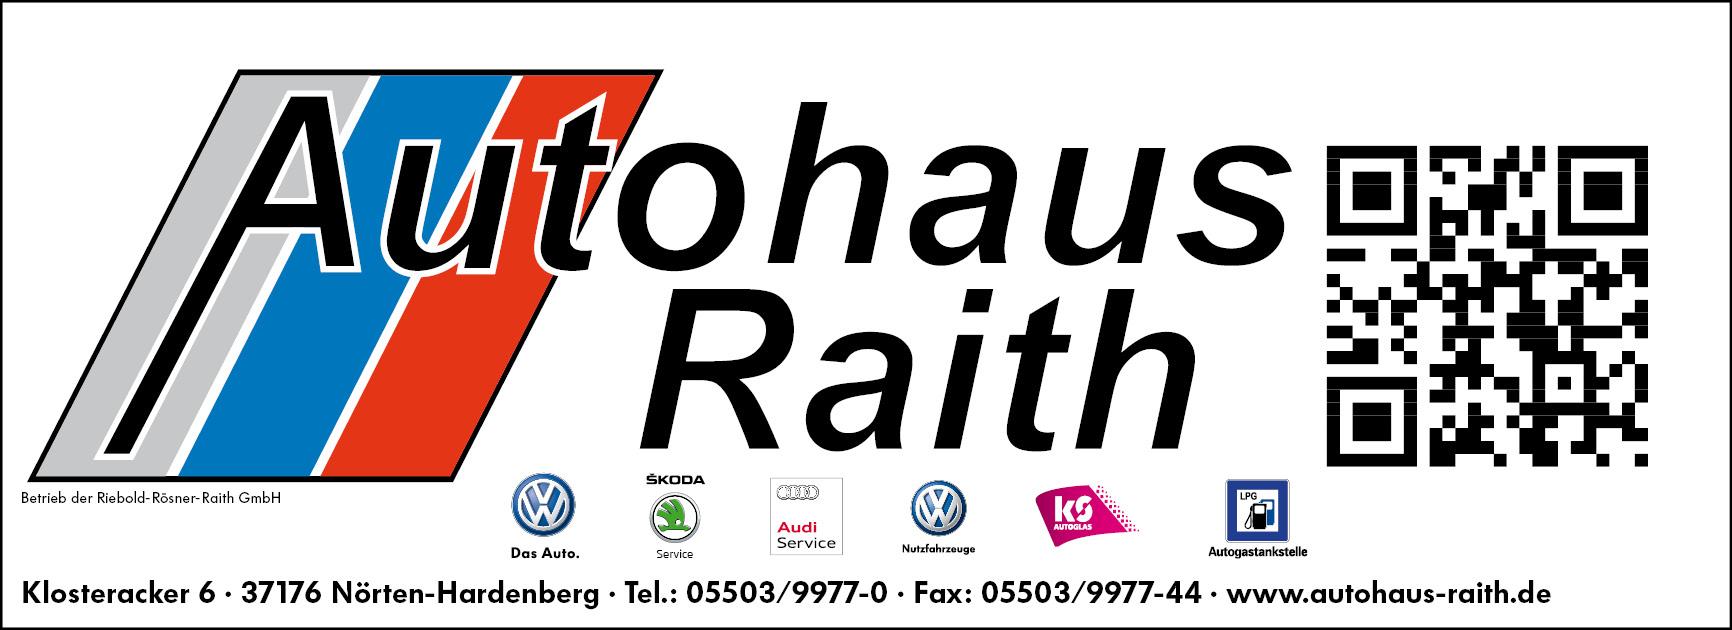 50-sponsorraith.jpg